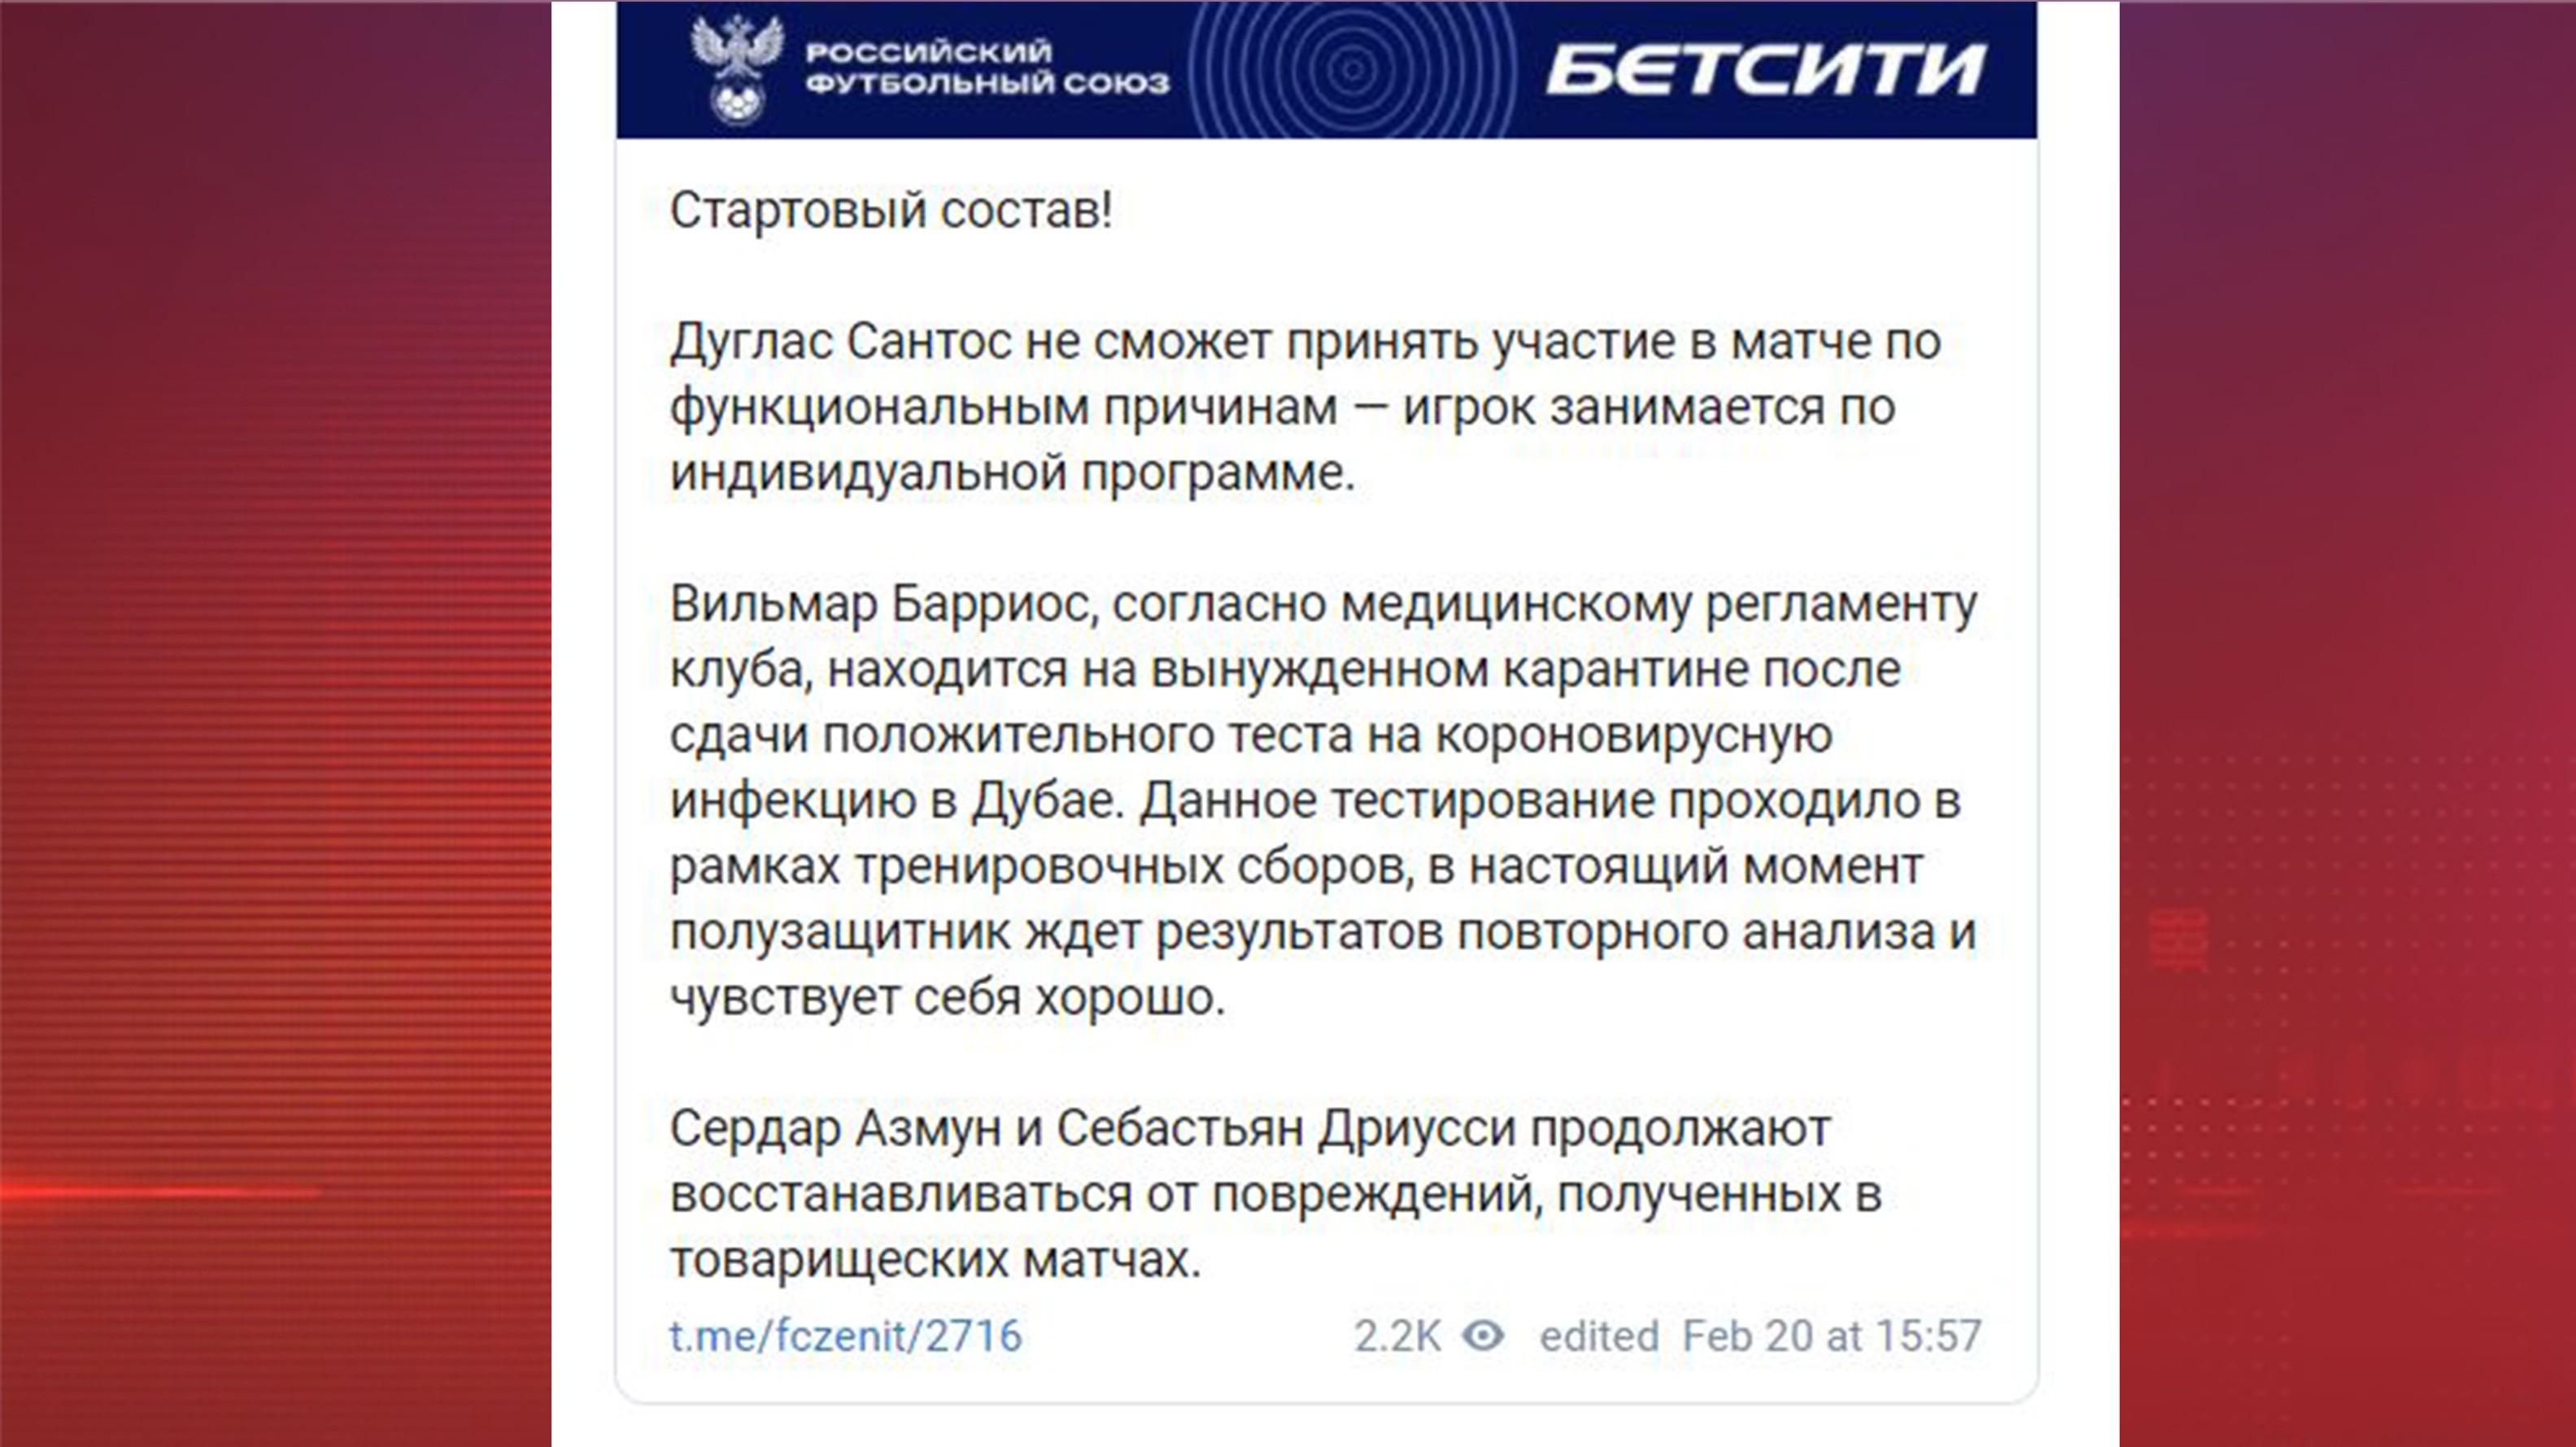 Один из основных игроков ФК «Зенит» получил положительный тест на коронавирус